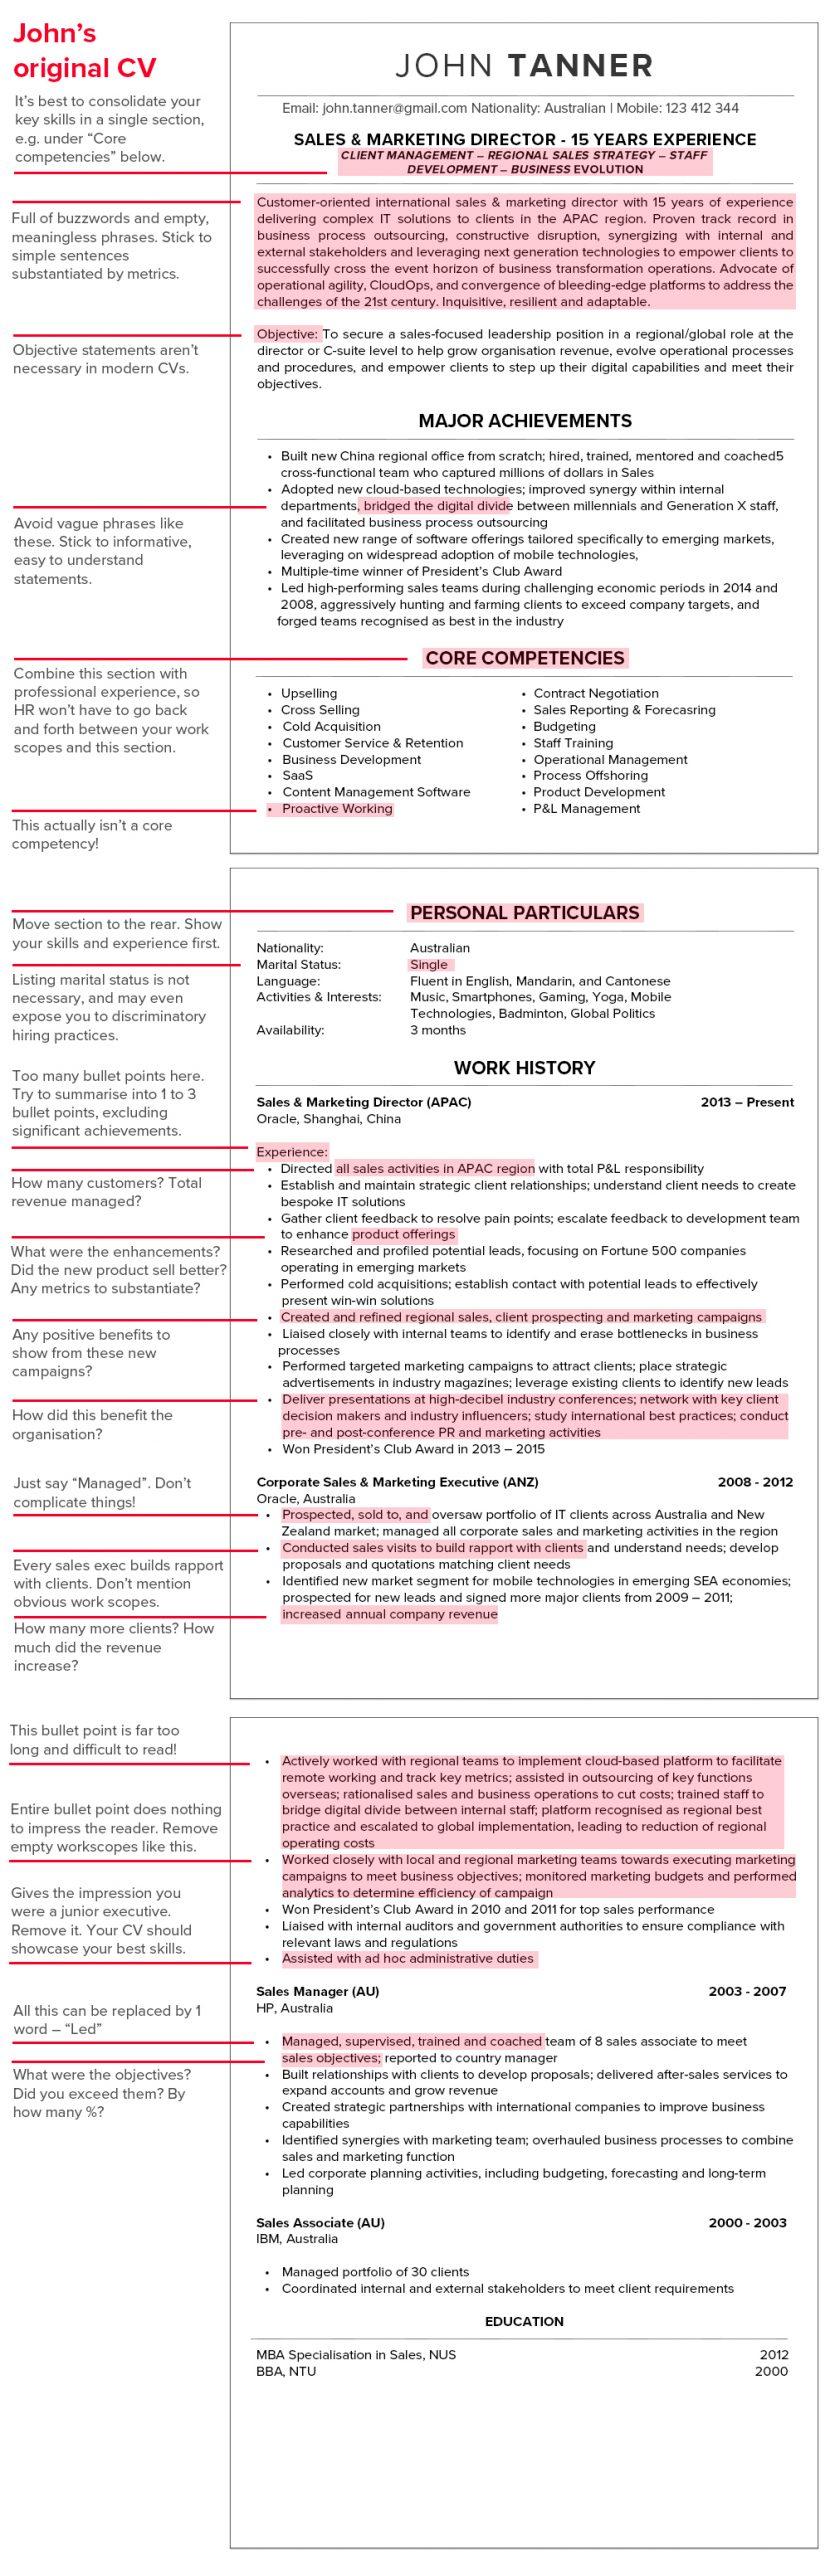 CV Johns Original CV Scaled